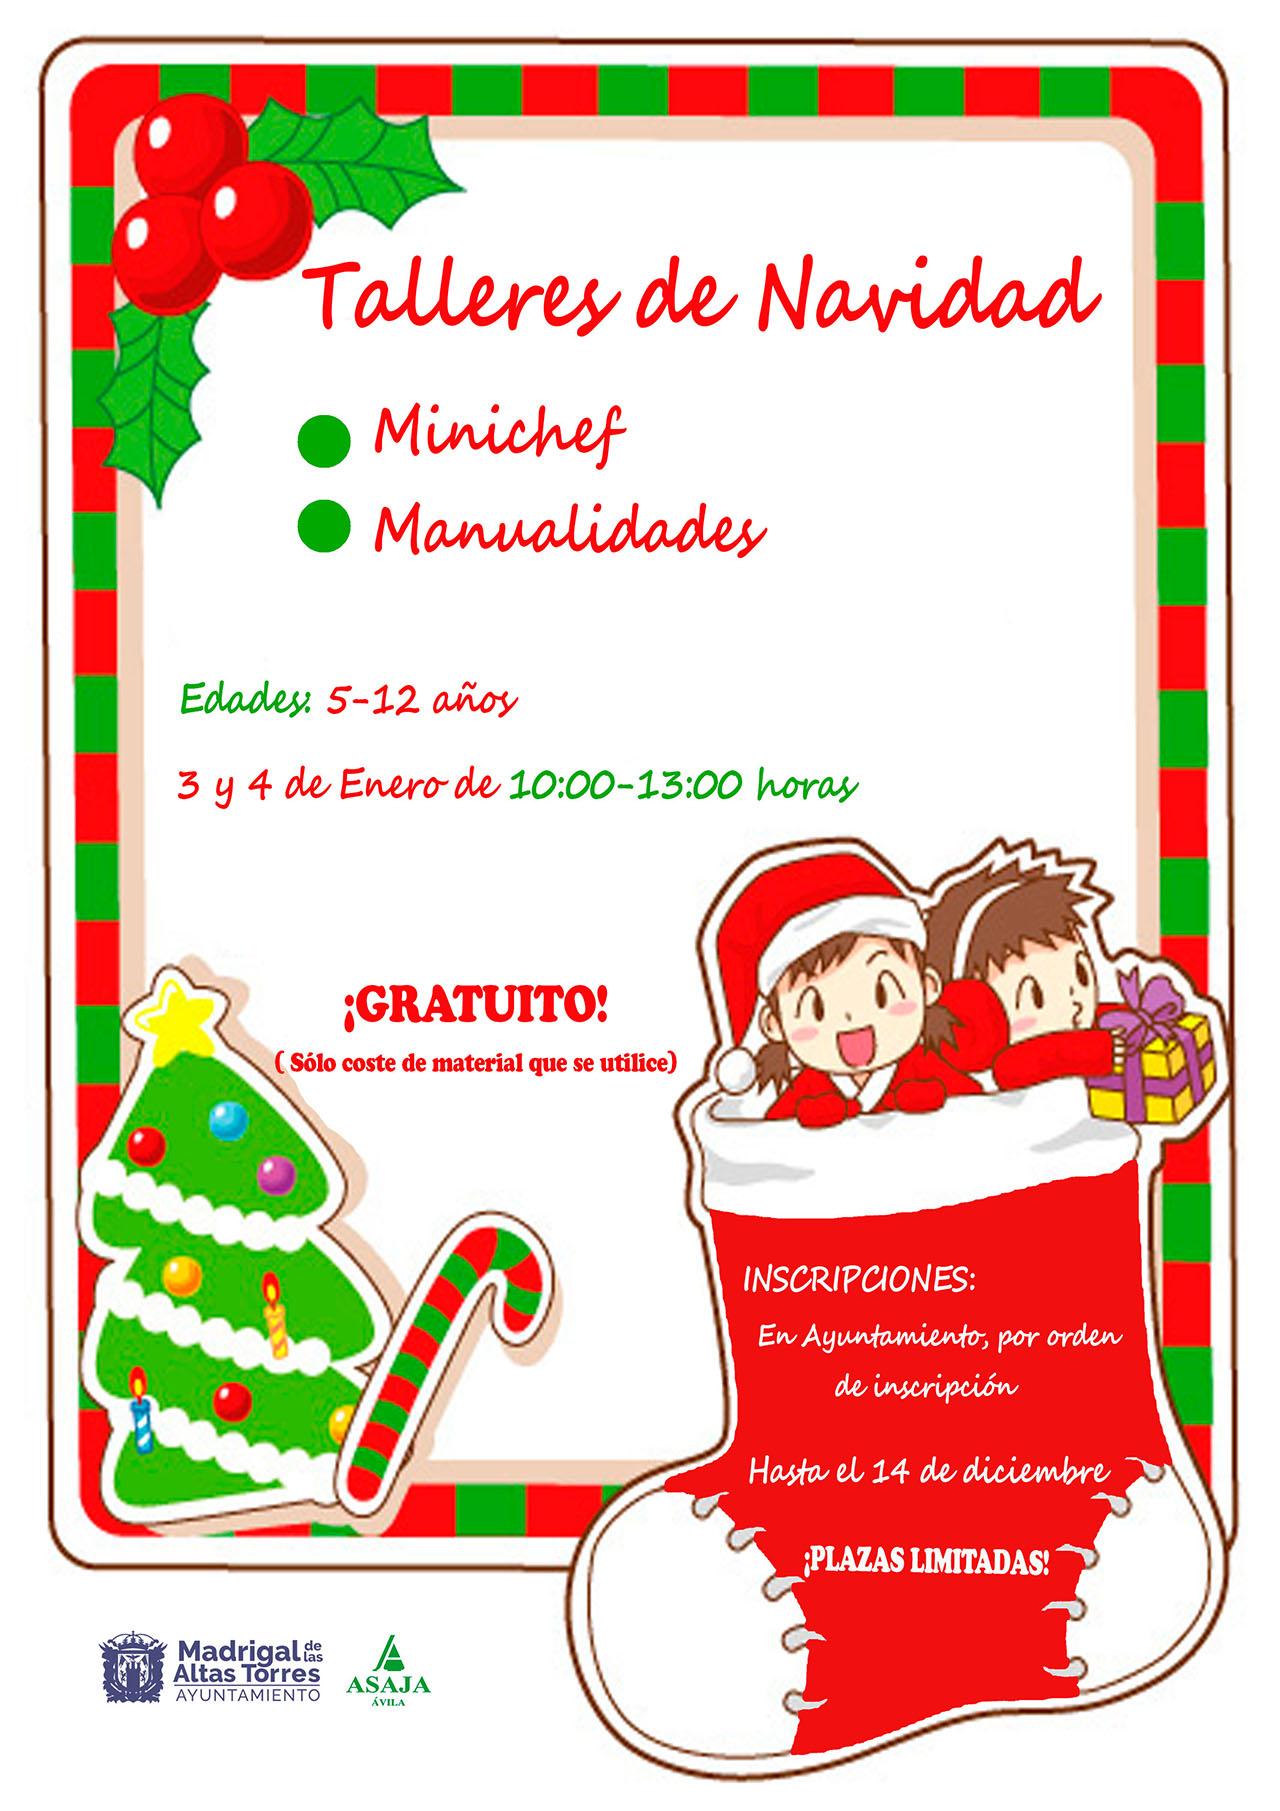 Talleres de navidad minichef y manualidades - Detalles de navidad manualidades ...